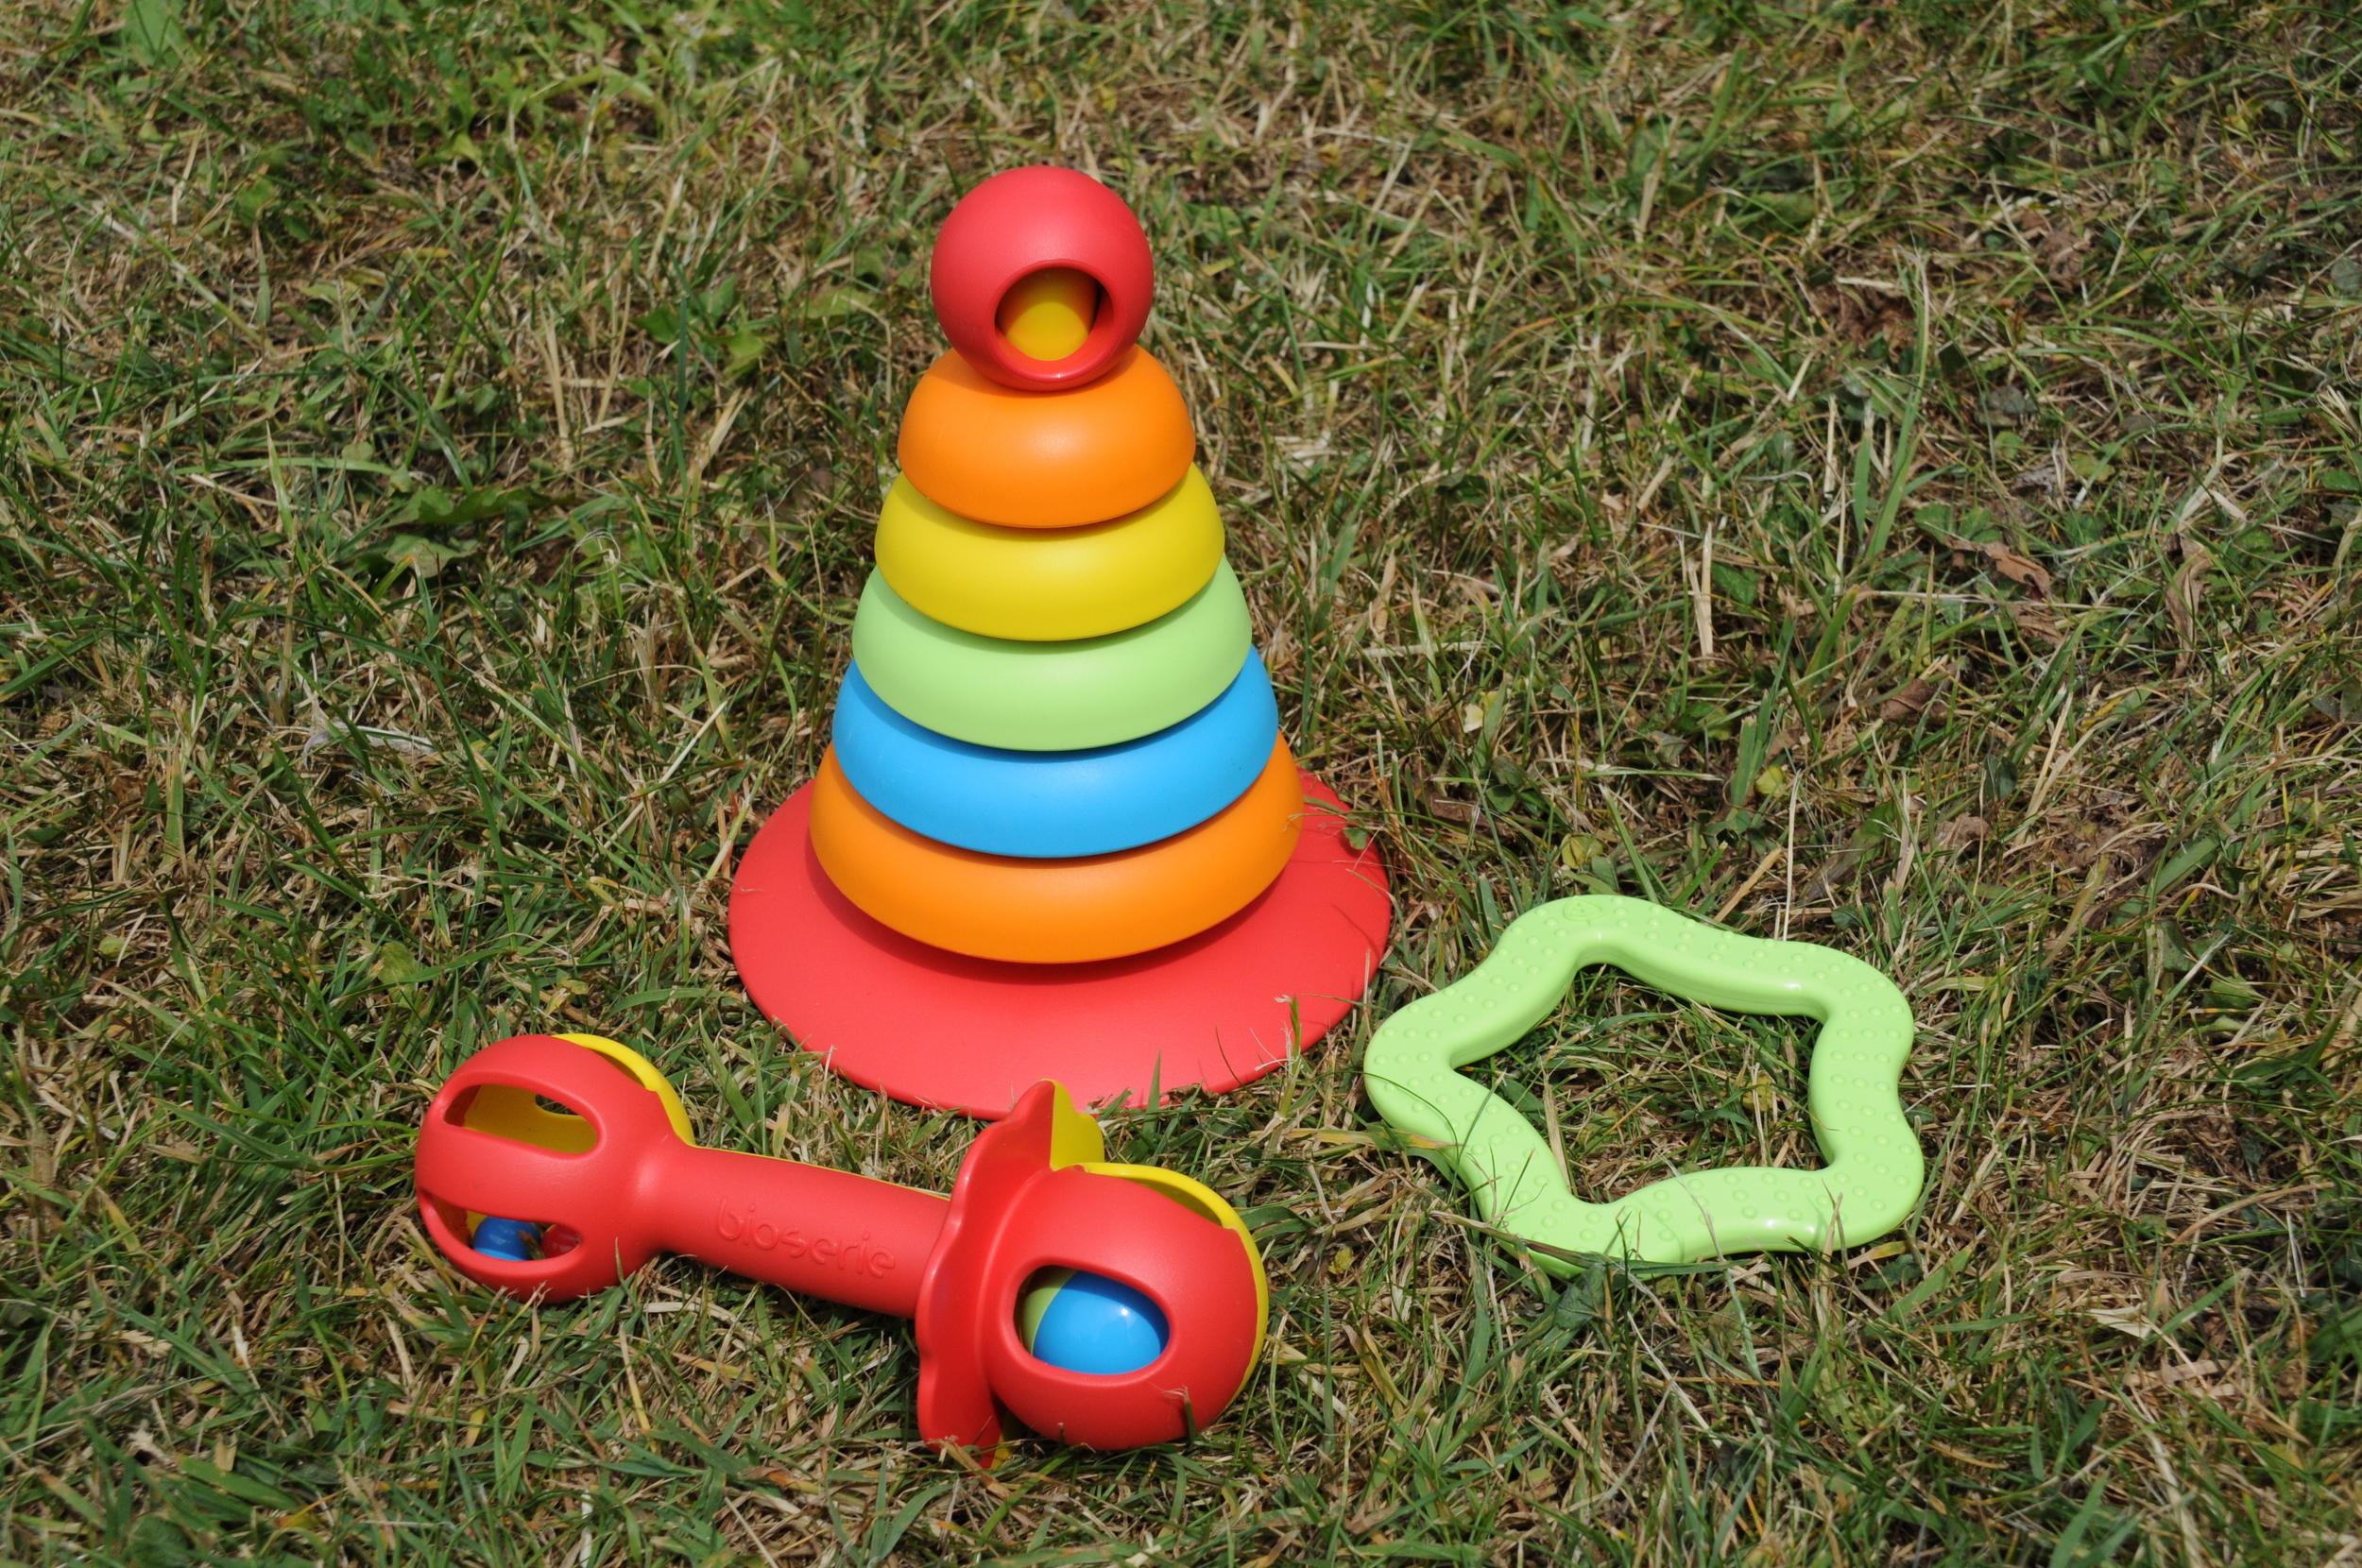 bioserie toys